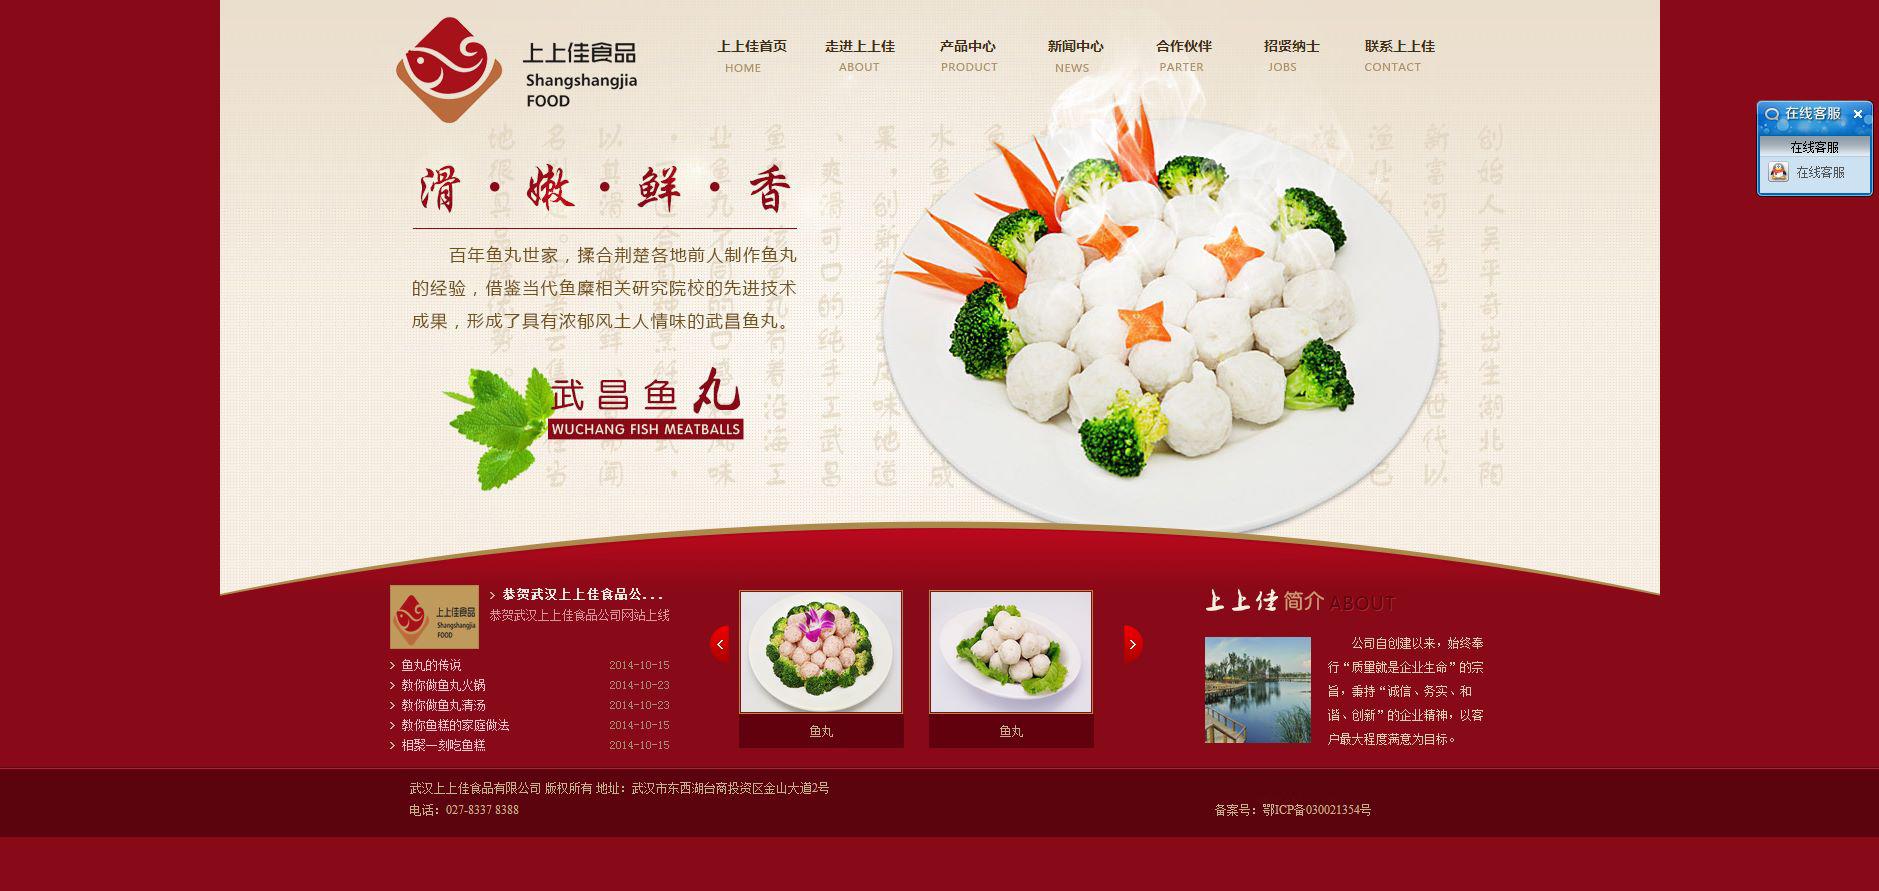 武汉上上佳食品有限公司